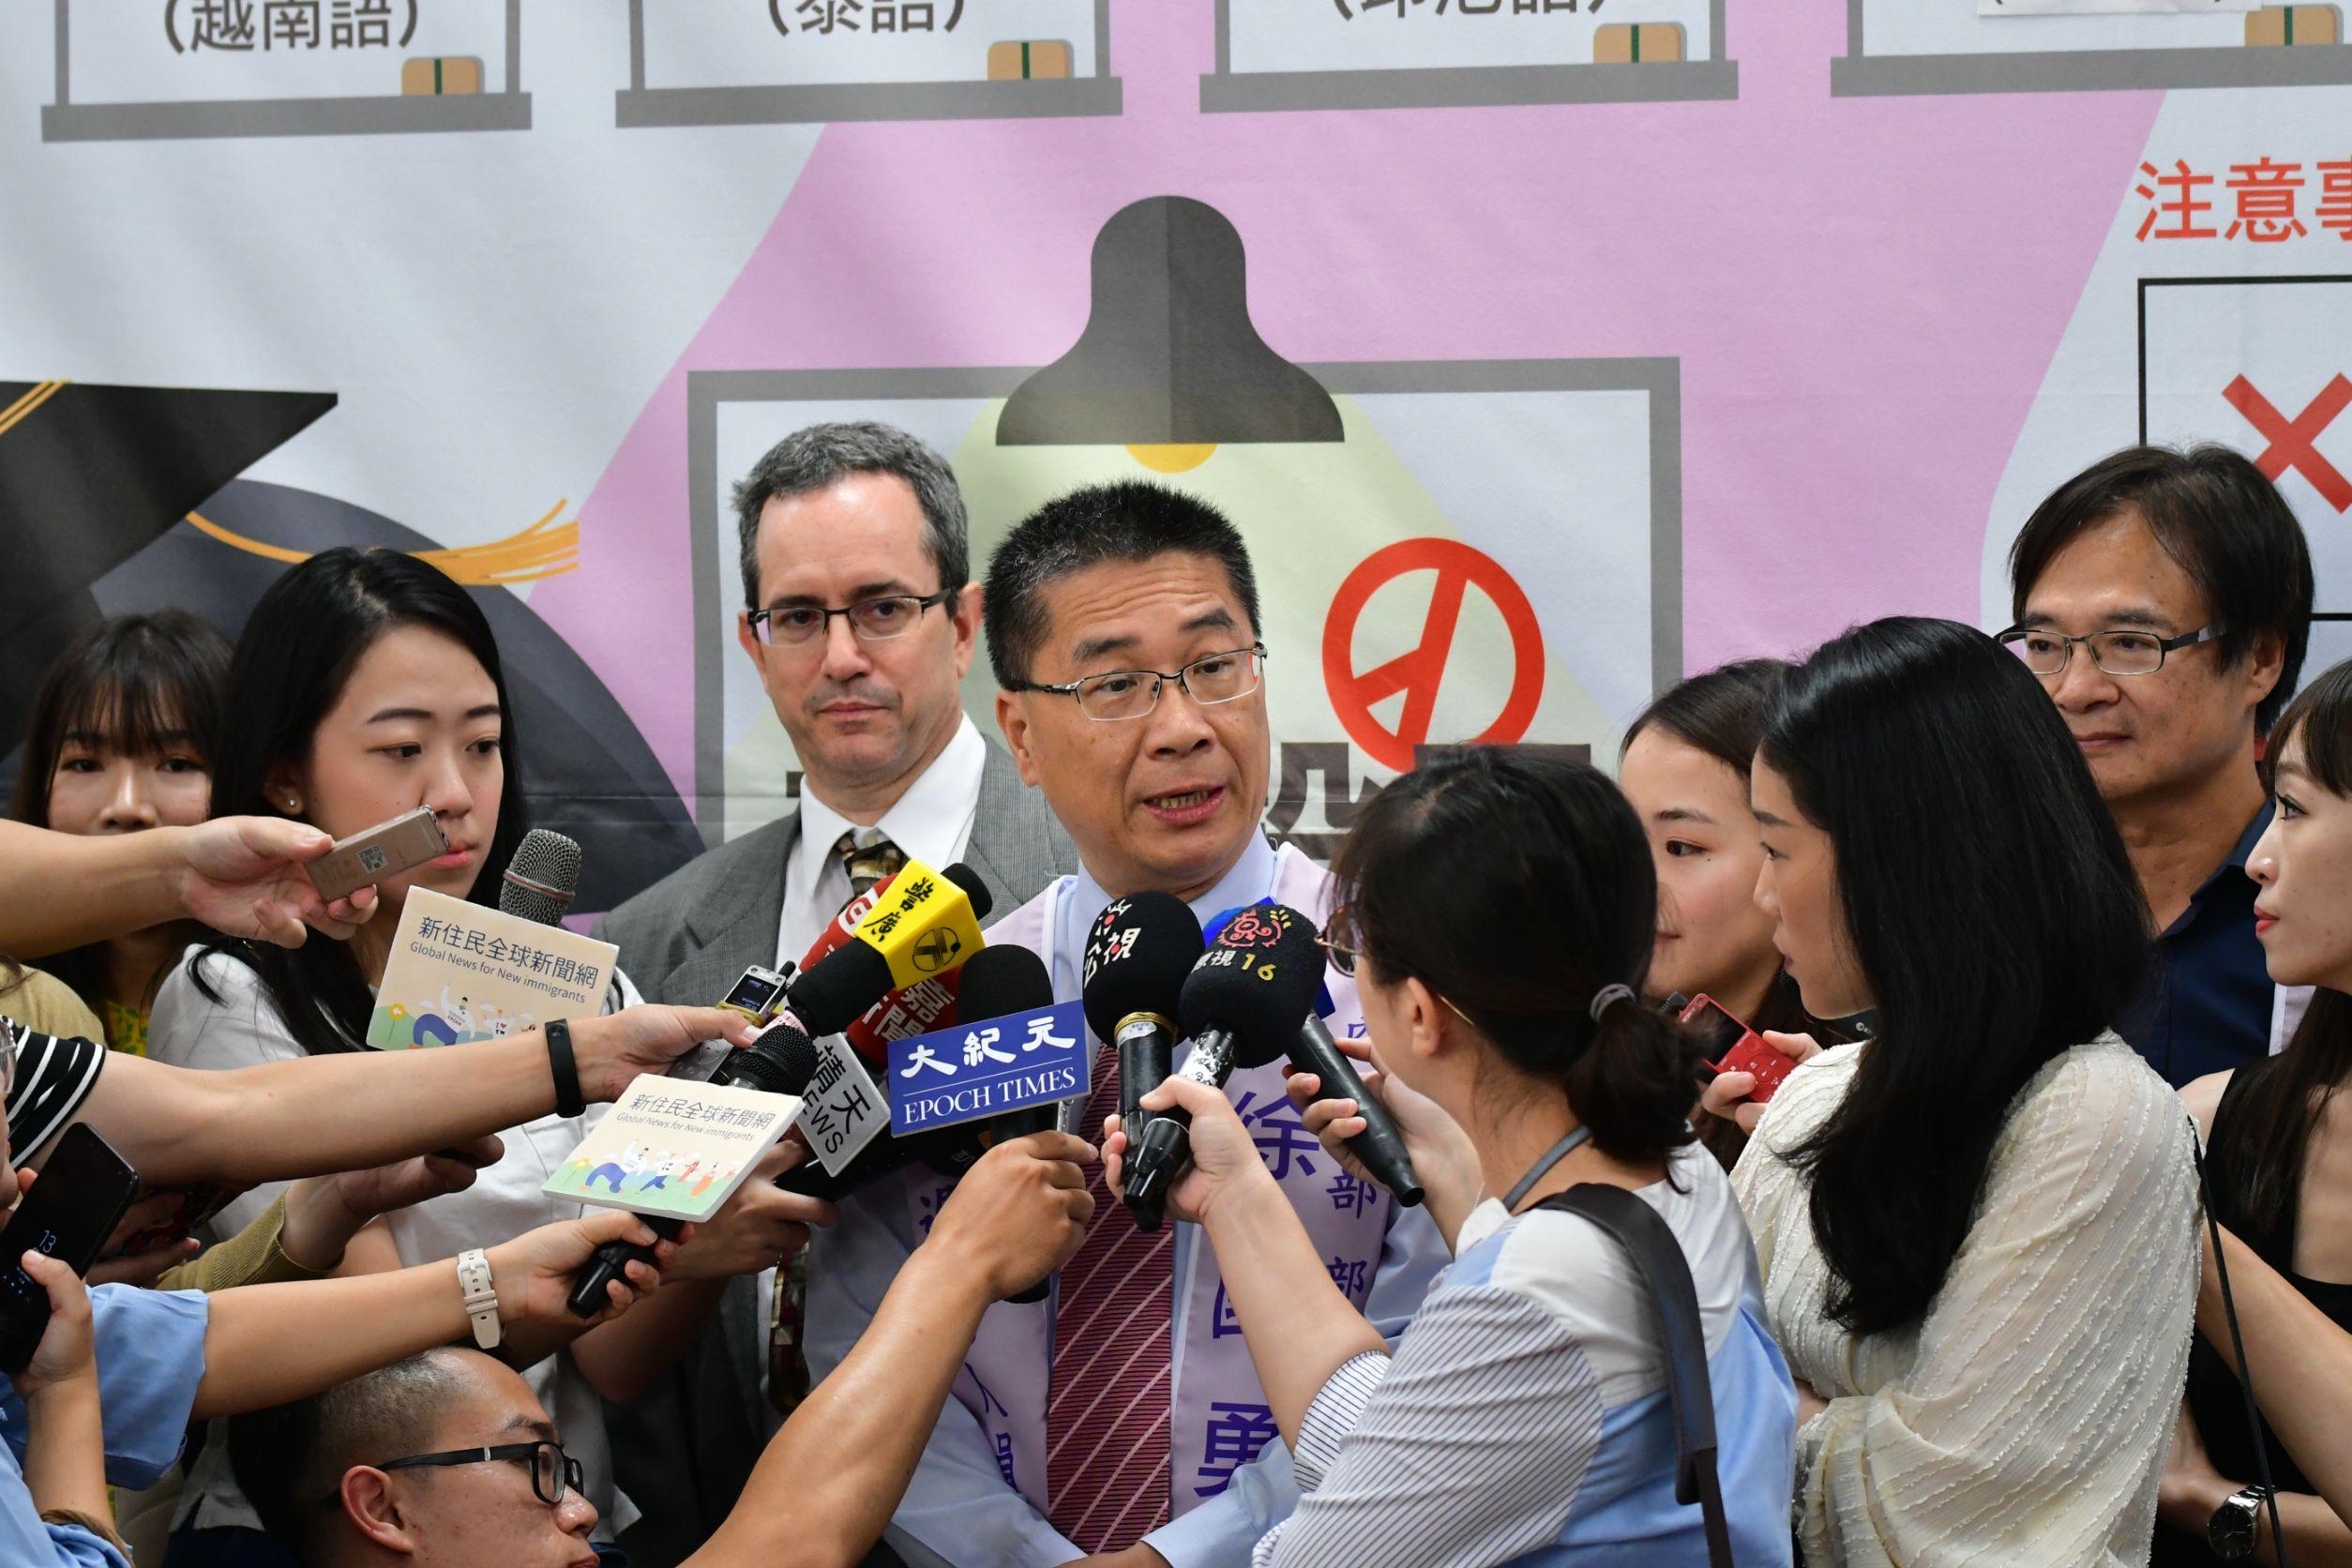 徐國勇部長於活動現場接受訪問